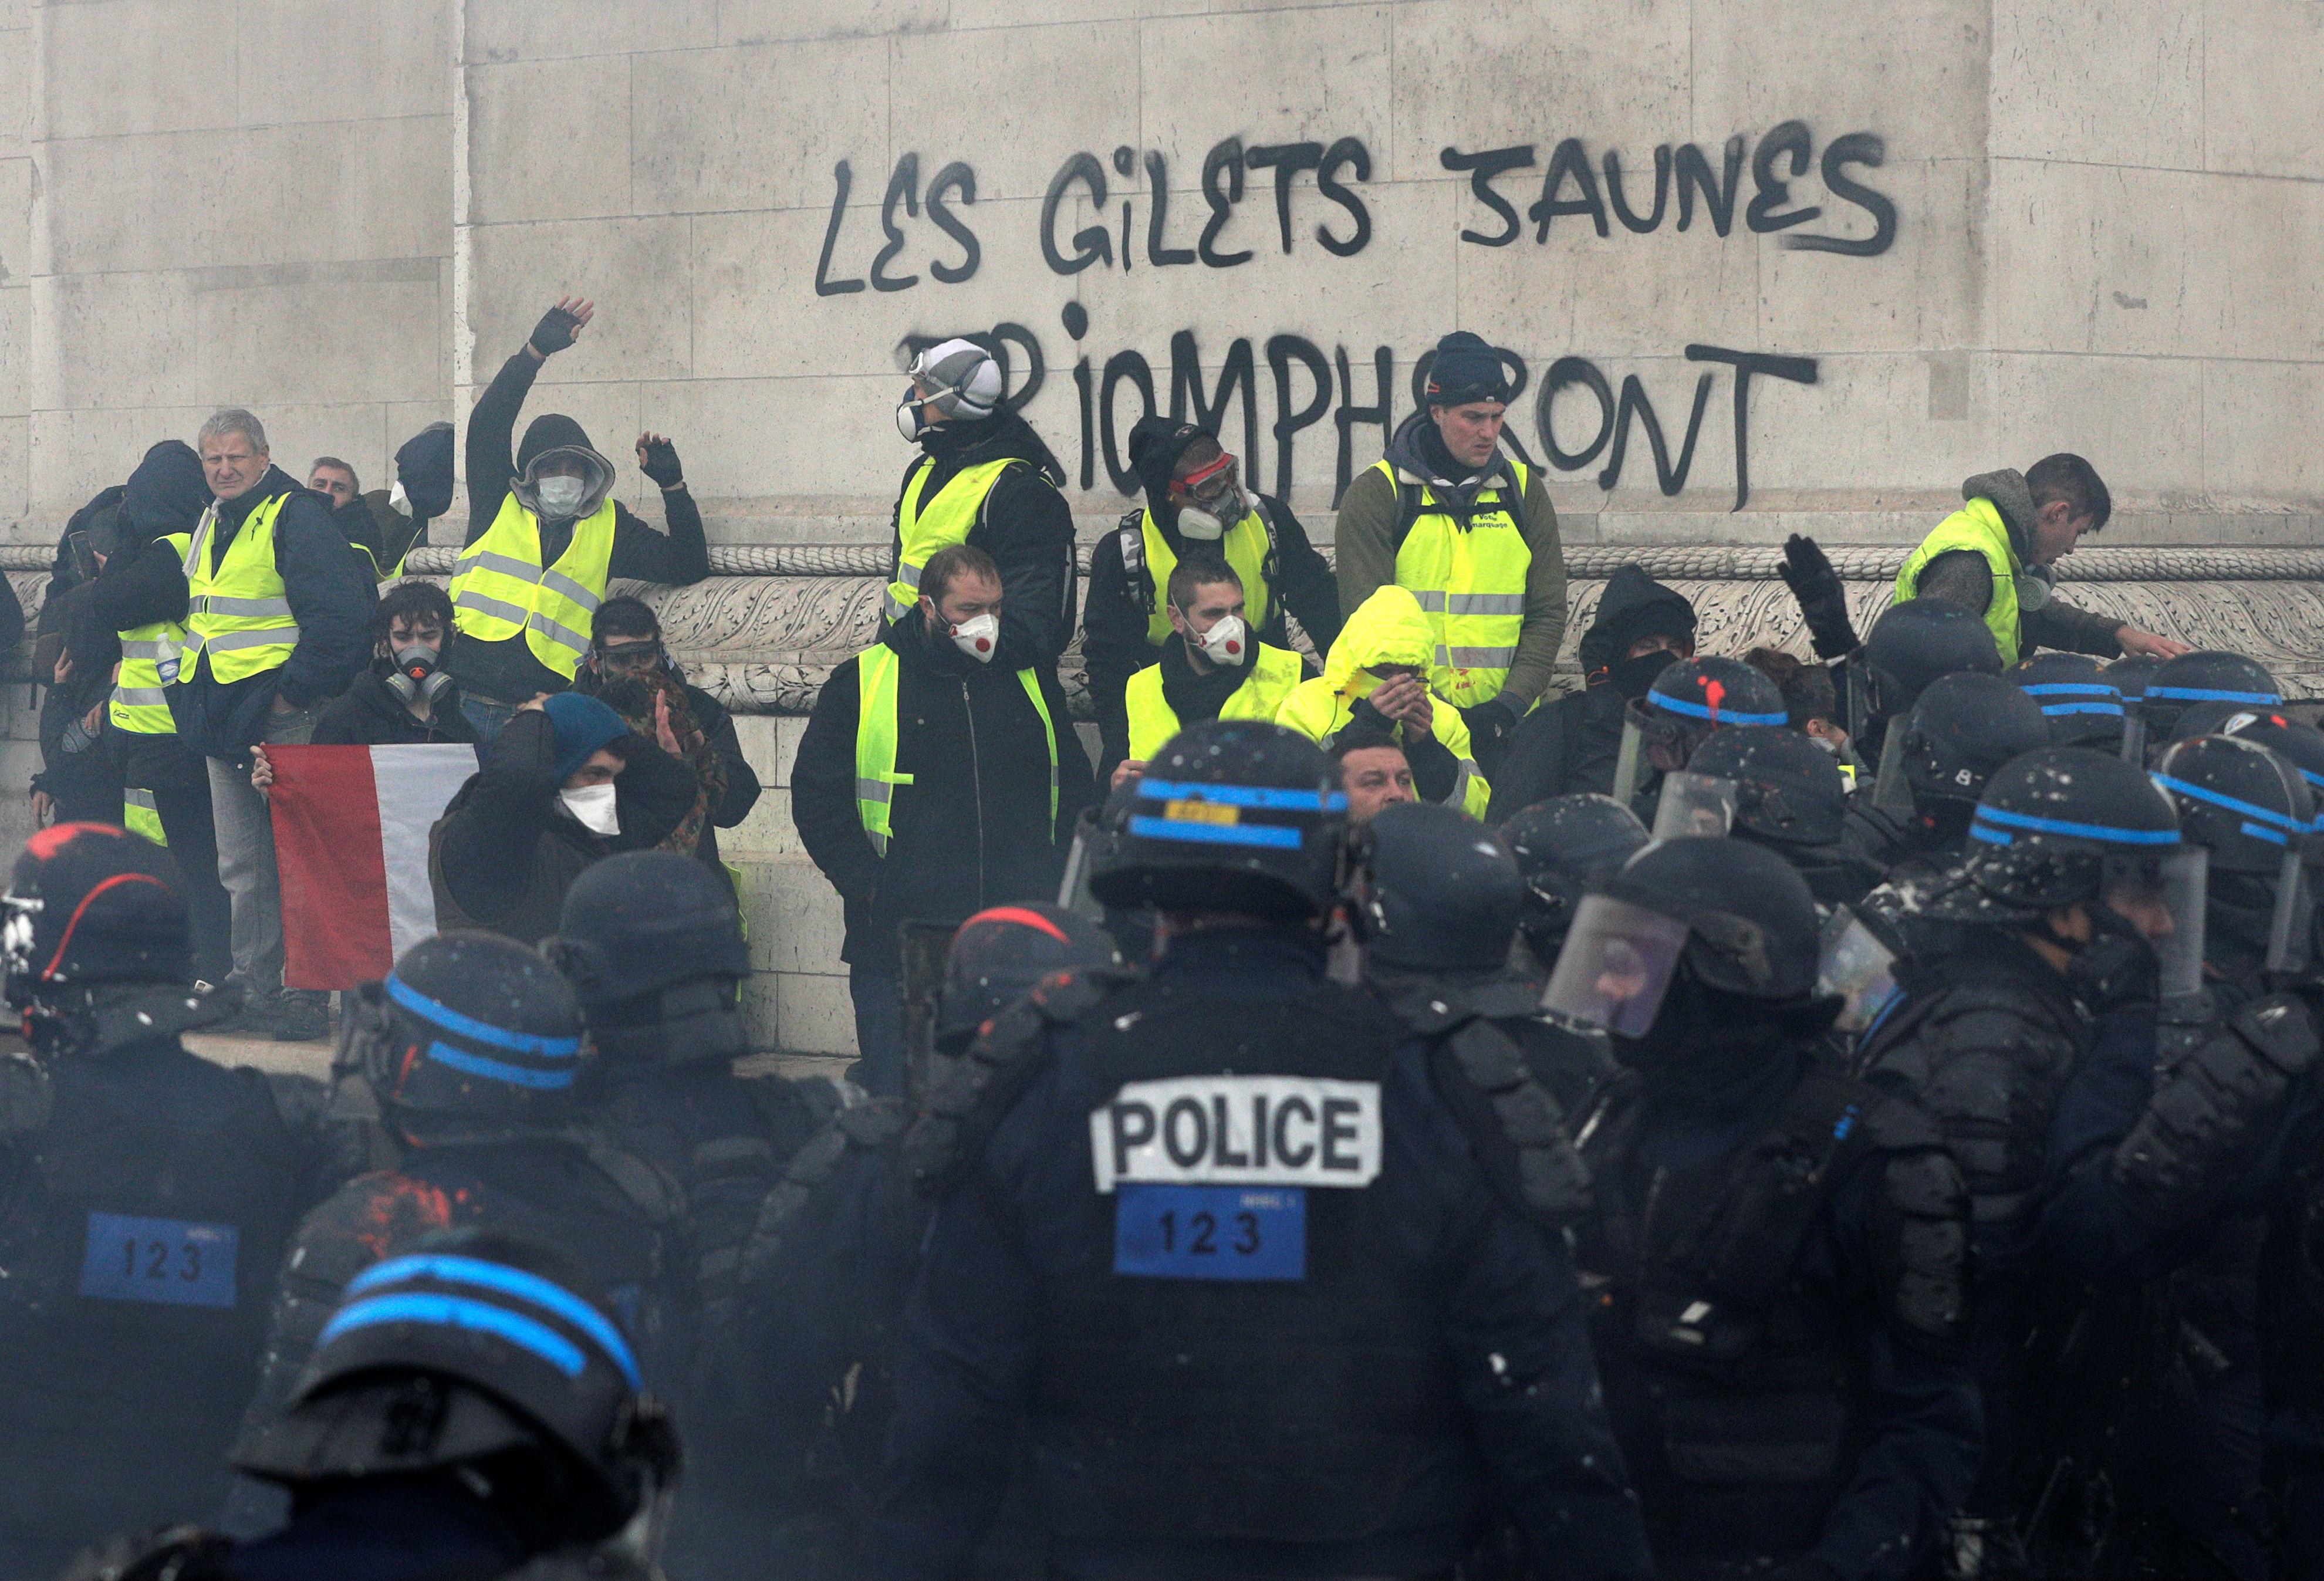 manifestation paris gilets jaunes 8 decembre